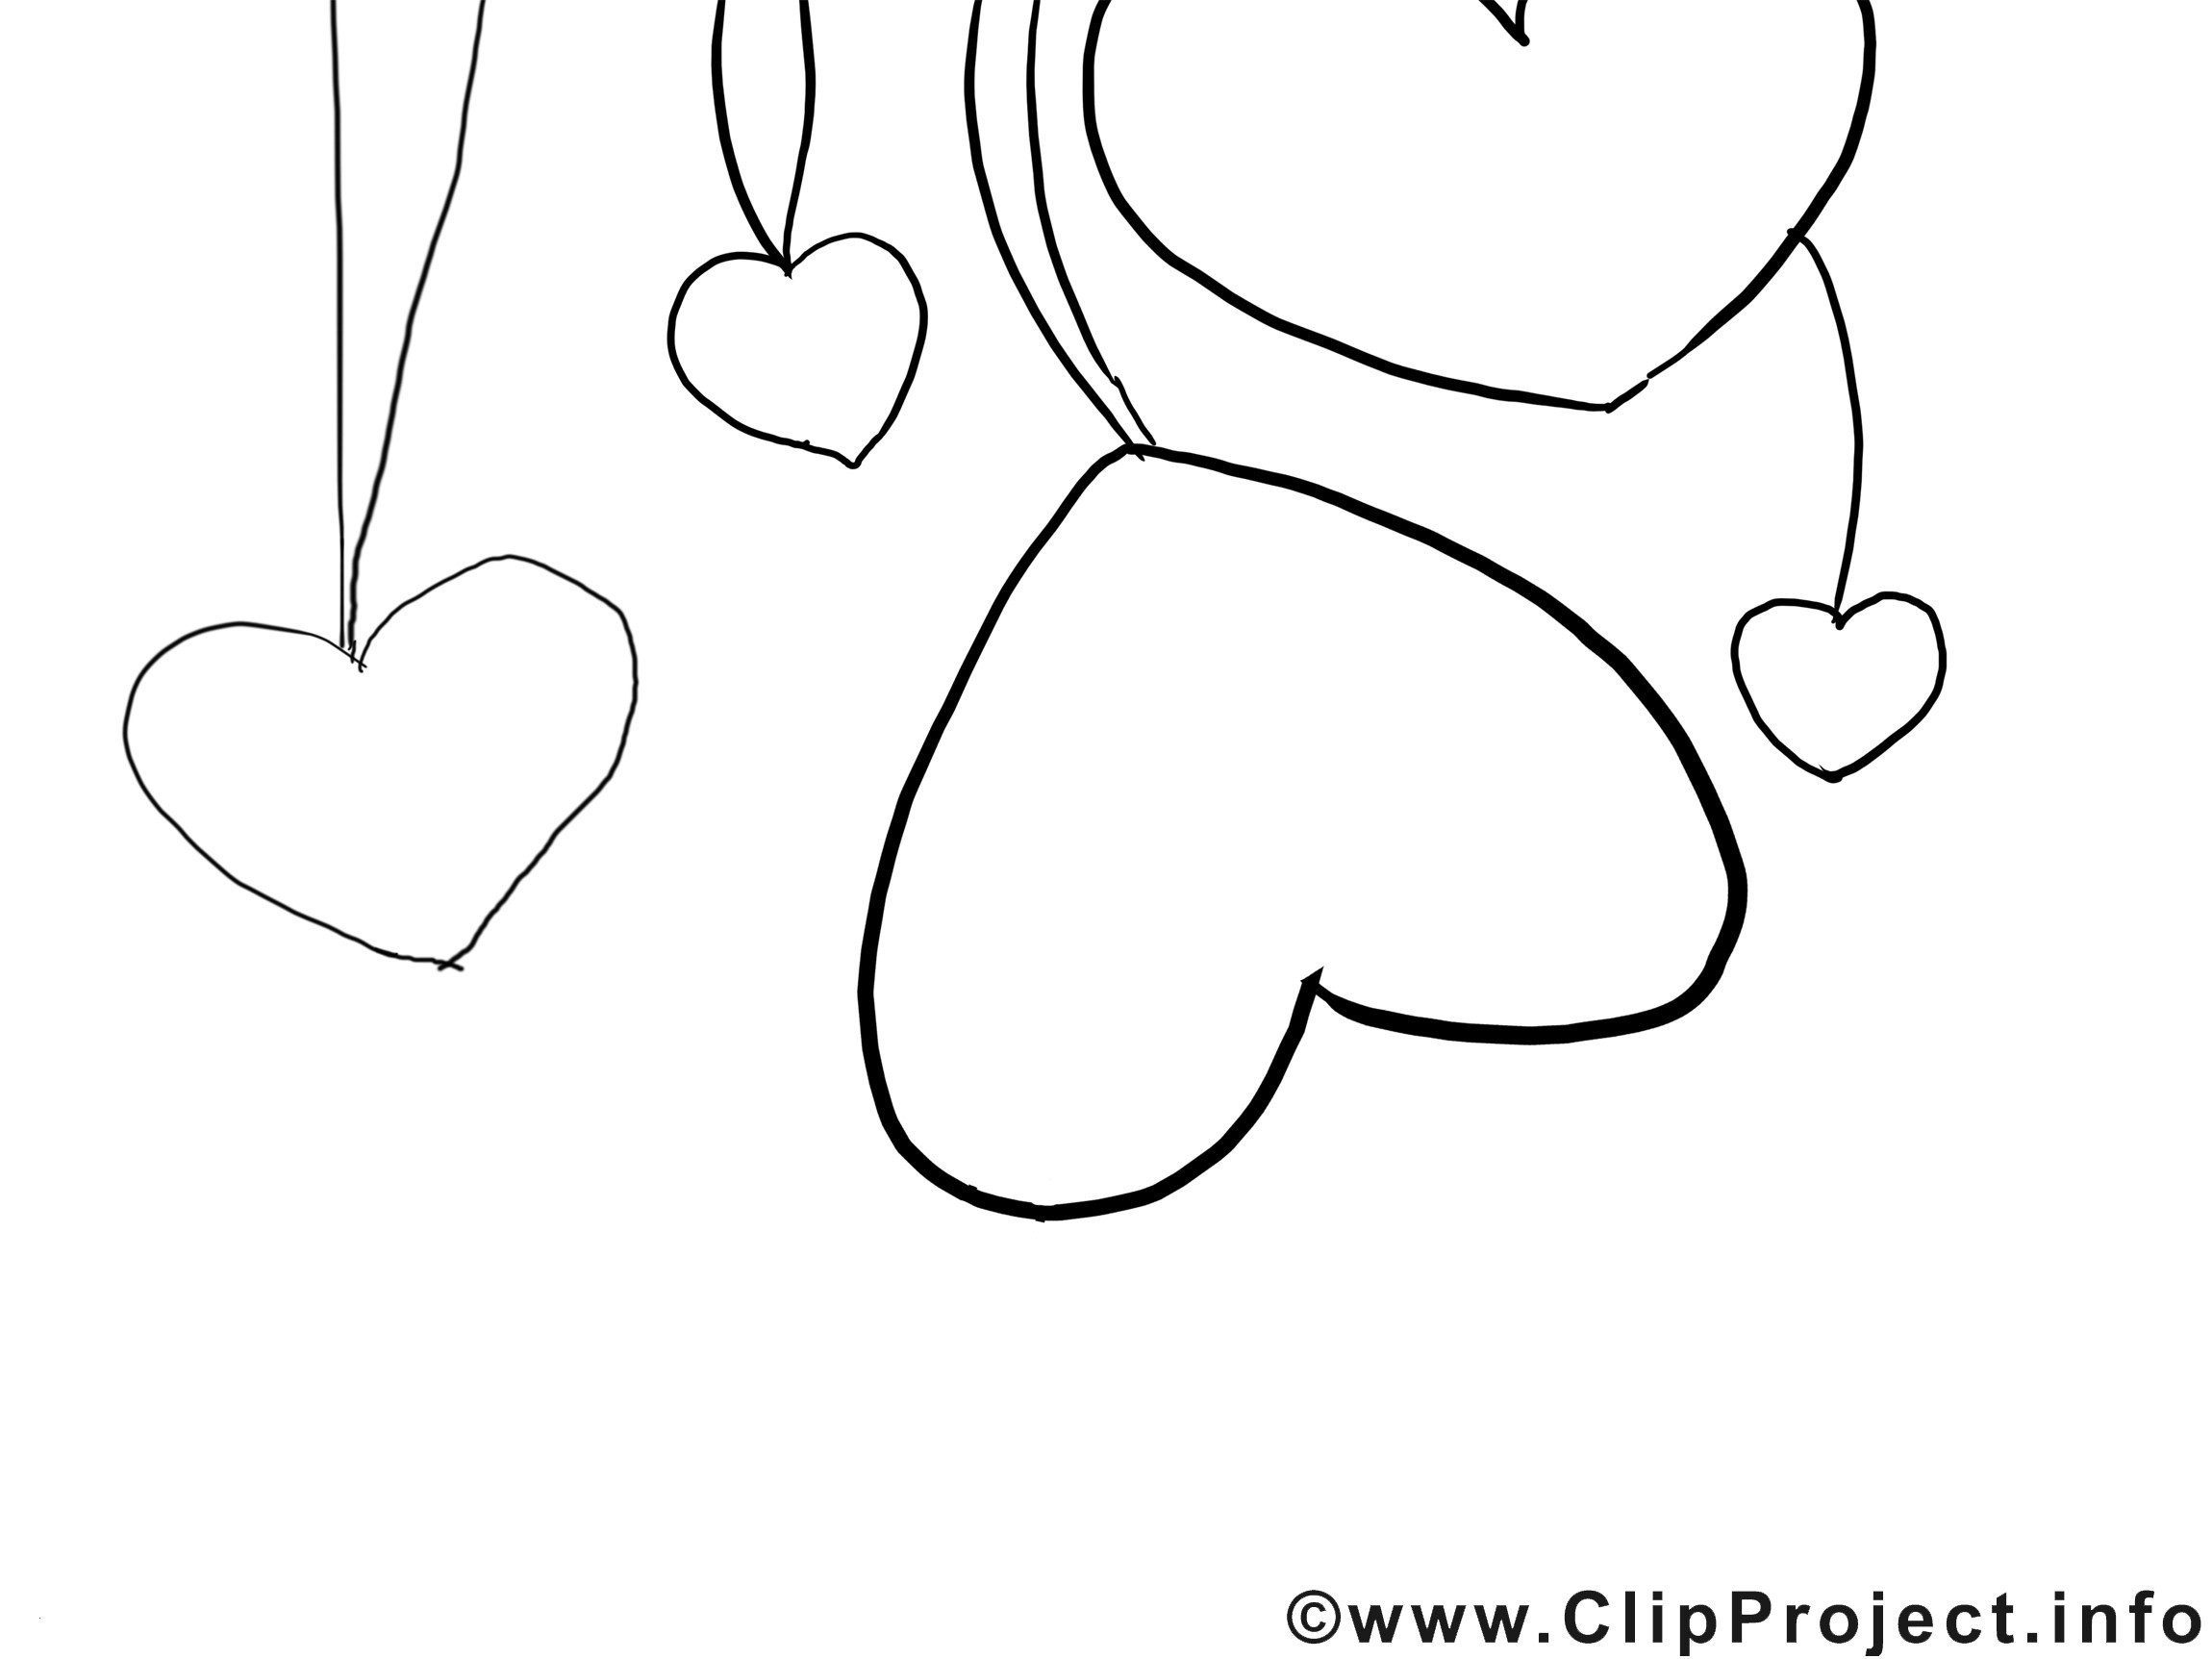 Herz Bilder Zum Ausmalen Einzigartig 37 Herzen Ausmalbilder Scoredatscore Einzigartig Herzen Ausmalbilder Fotos